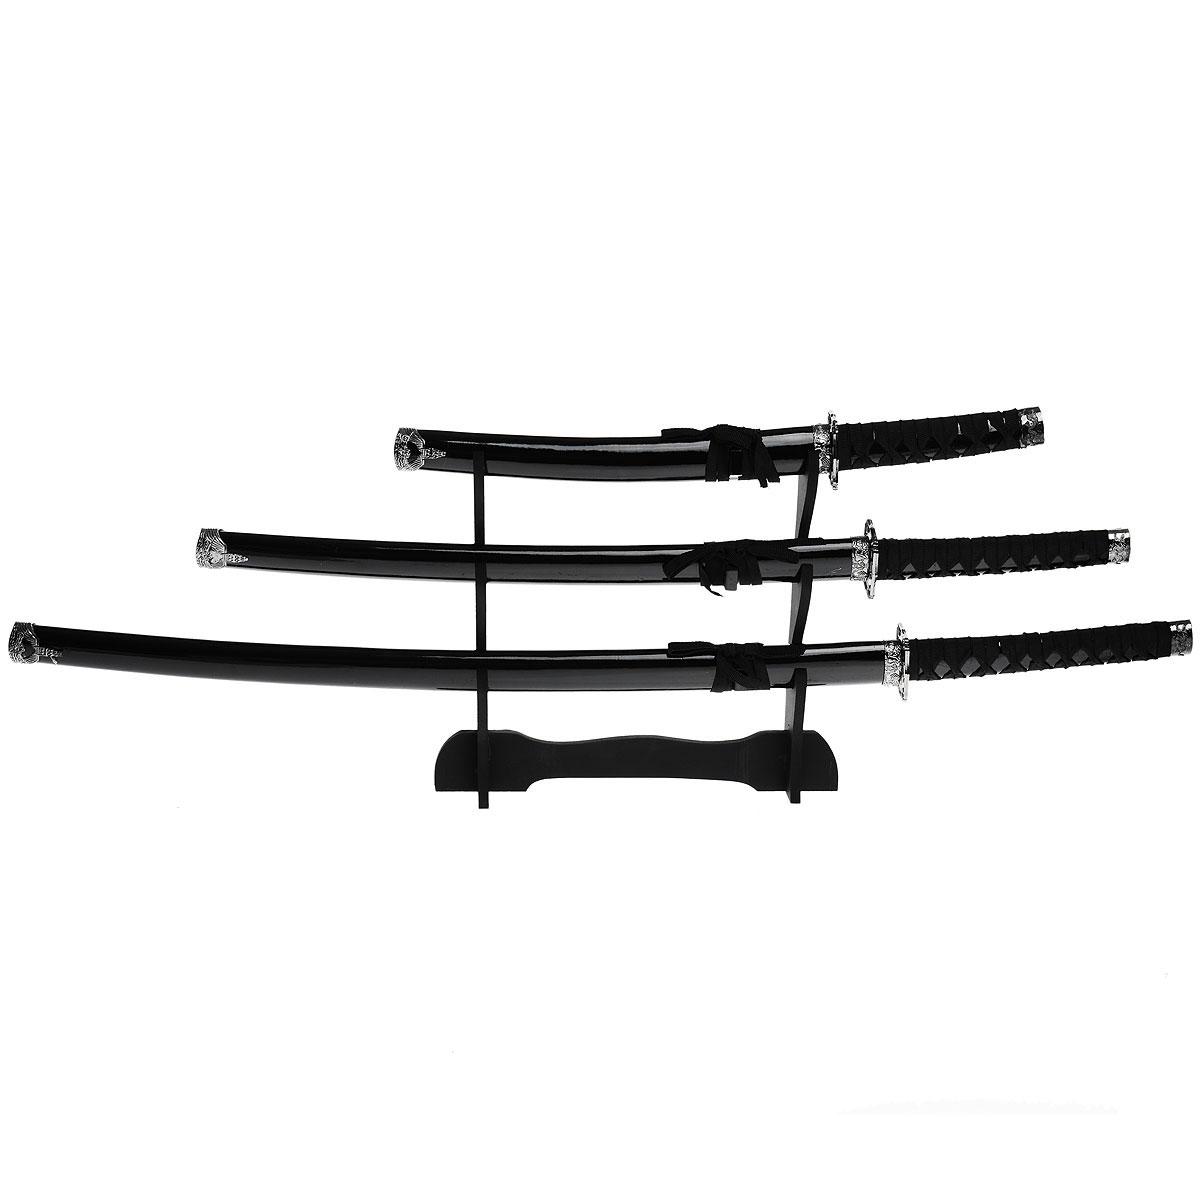 Набор самурайских мечей на подставке, 3 шт. 454263454263Самурайский меч соединяет в себе духовный и материальный миры, физическое и духовное начало... Набор самурайских мечей состоит из длинного меча - катаны, среднего - вакидзаси и короткого меча - танто. Изготовлены они в традиционном японском стиле из стали, ножны украшены плетением из текстильного шнурка. Этот набор - изысканный подарок поклонникам культуры Востока и прекрасное дополнение интерьера вашей квартиры или офиса. В качестве настенного украшения самурайские мечи использовались еще с древности, знаменуя собой подвиги славных предков. Благодаря специальной подставке, вы можете не только повесить мечи на стену, но и поставить в любое удобное для вас место. Характеристики:Материал:металл, пластик, дерево, текстиль.Длина мечей: 100 см; 81 см; 54 см.